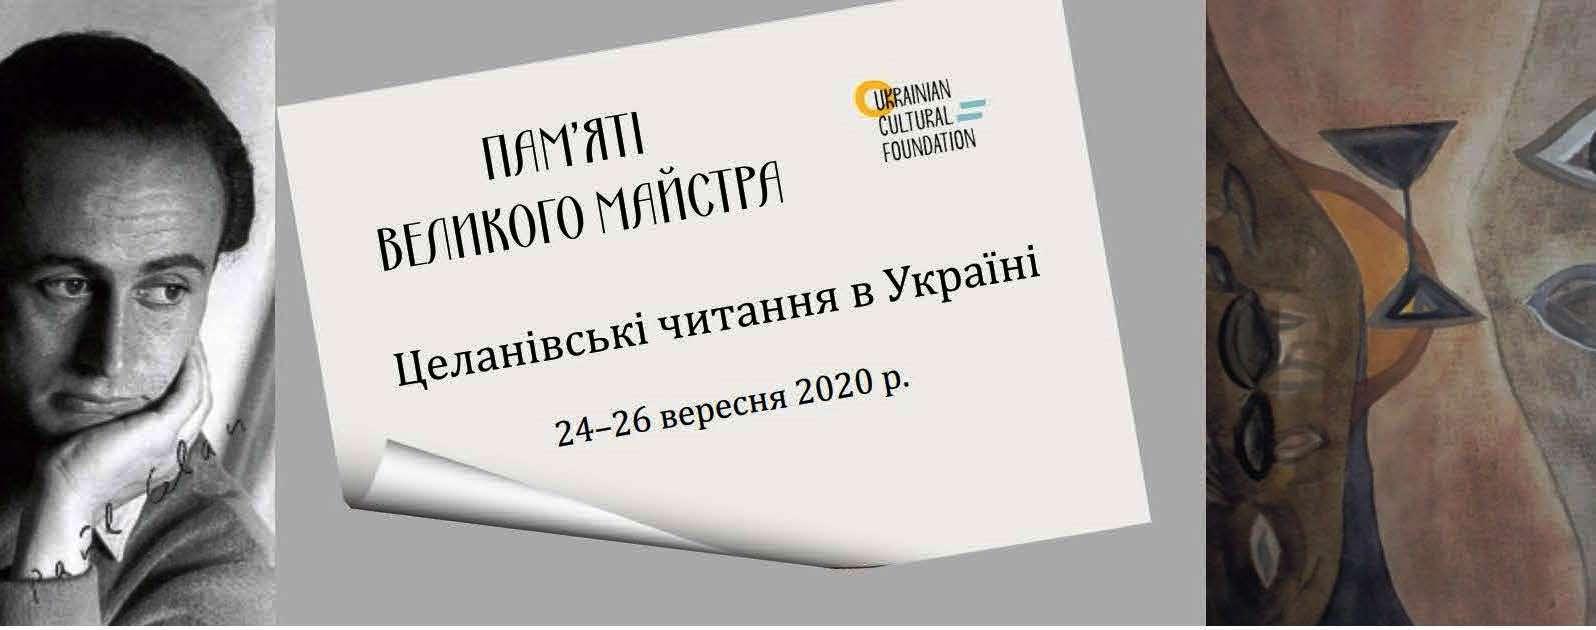 Стартує онлайн-фестиваль, присвячений творчості поета Пауля Целана